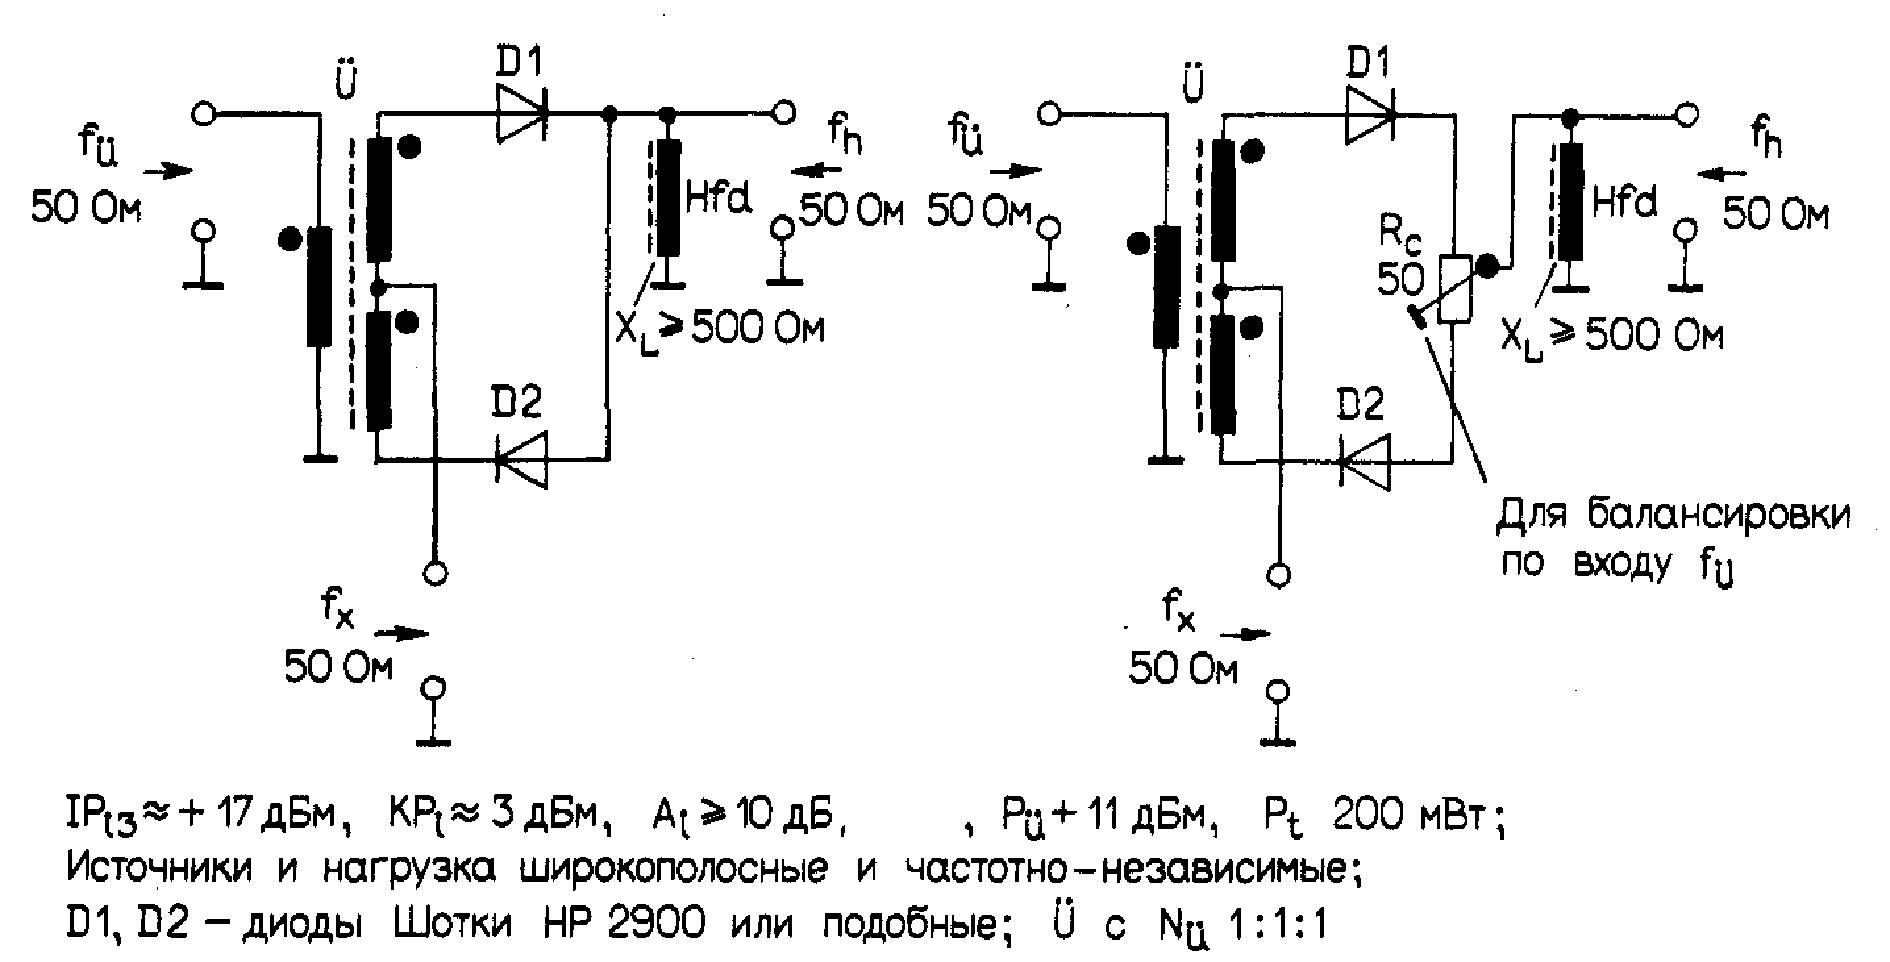 Схеме линейника на кп 904а